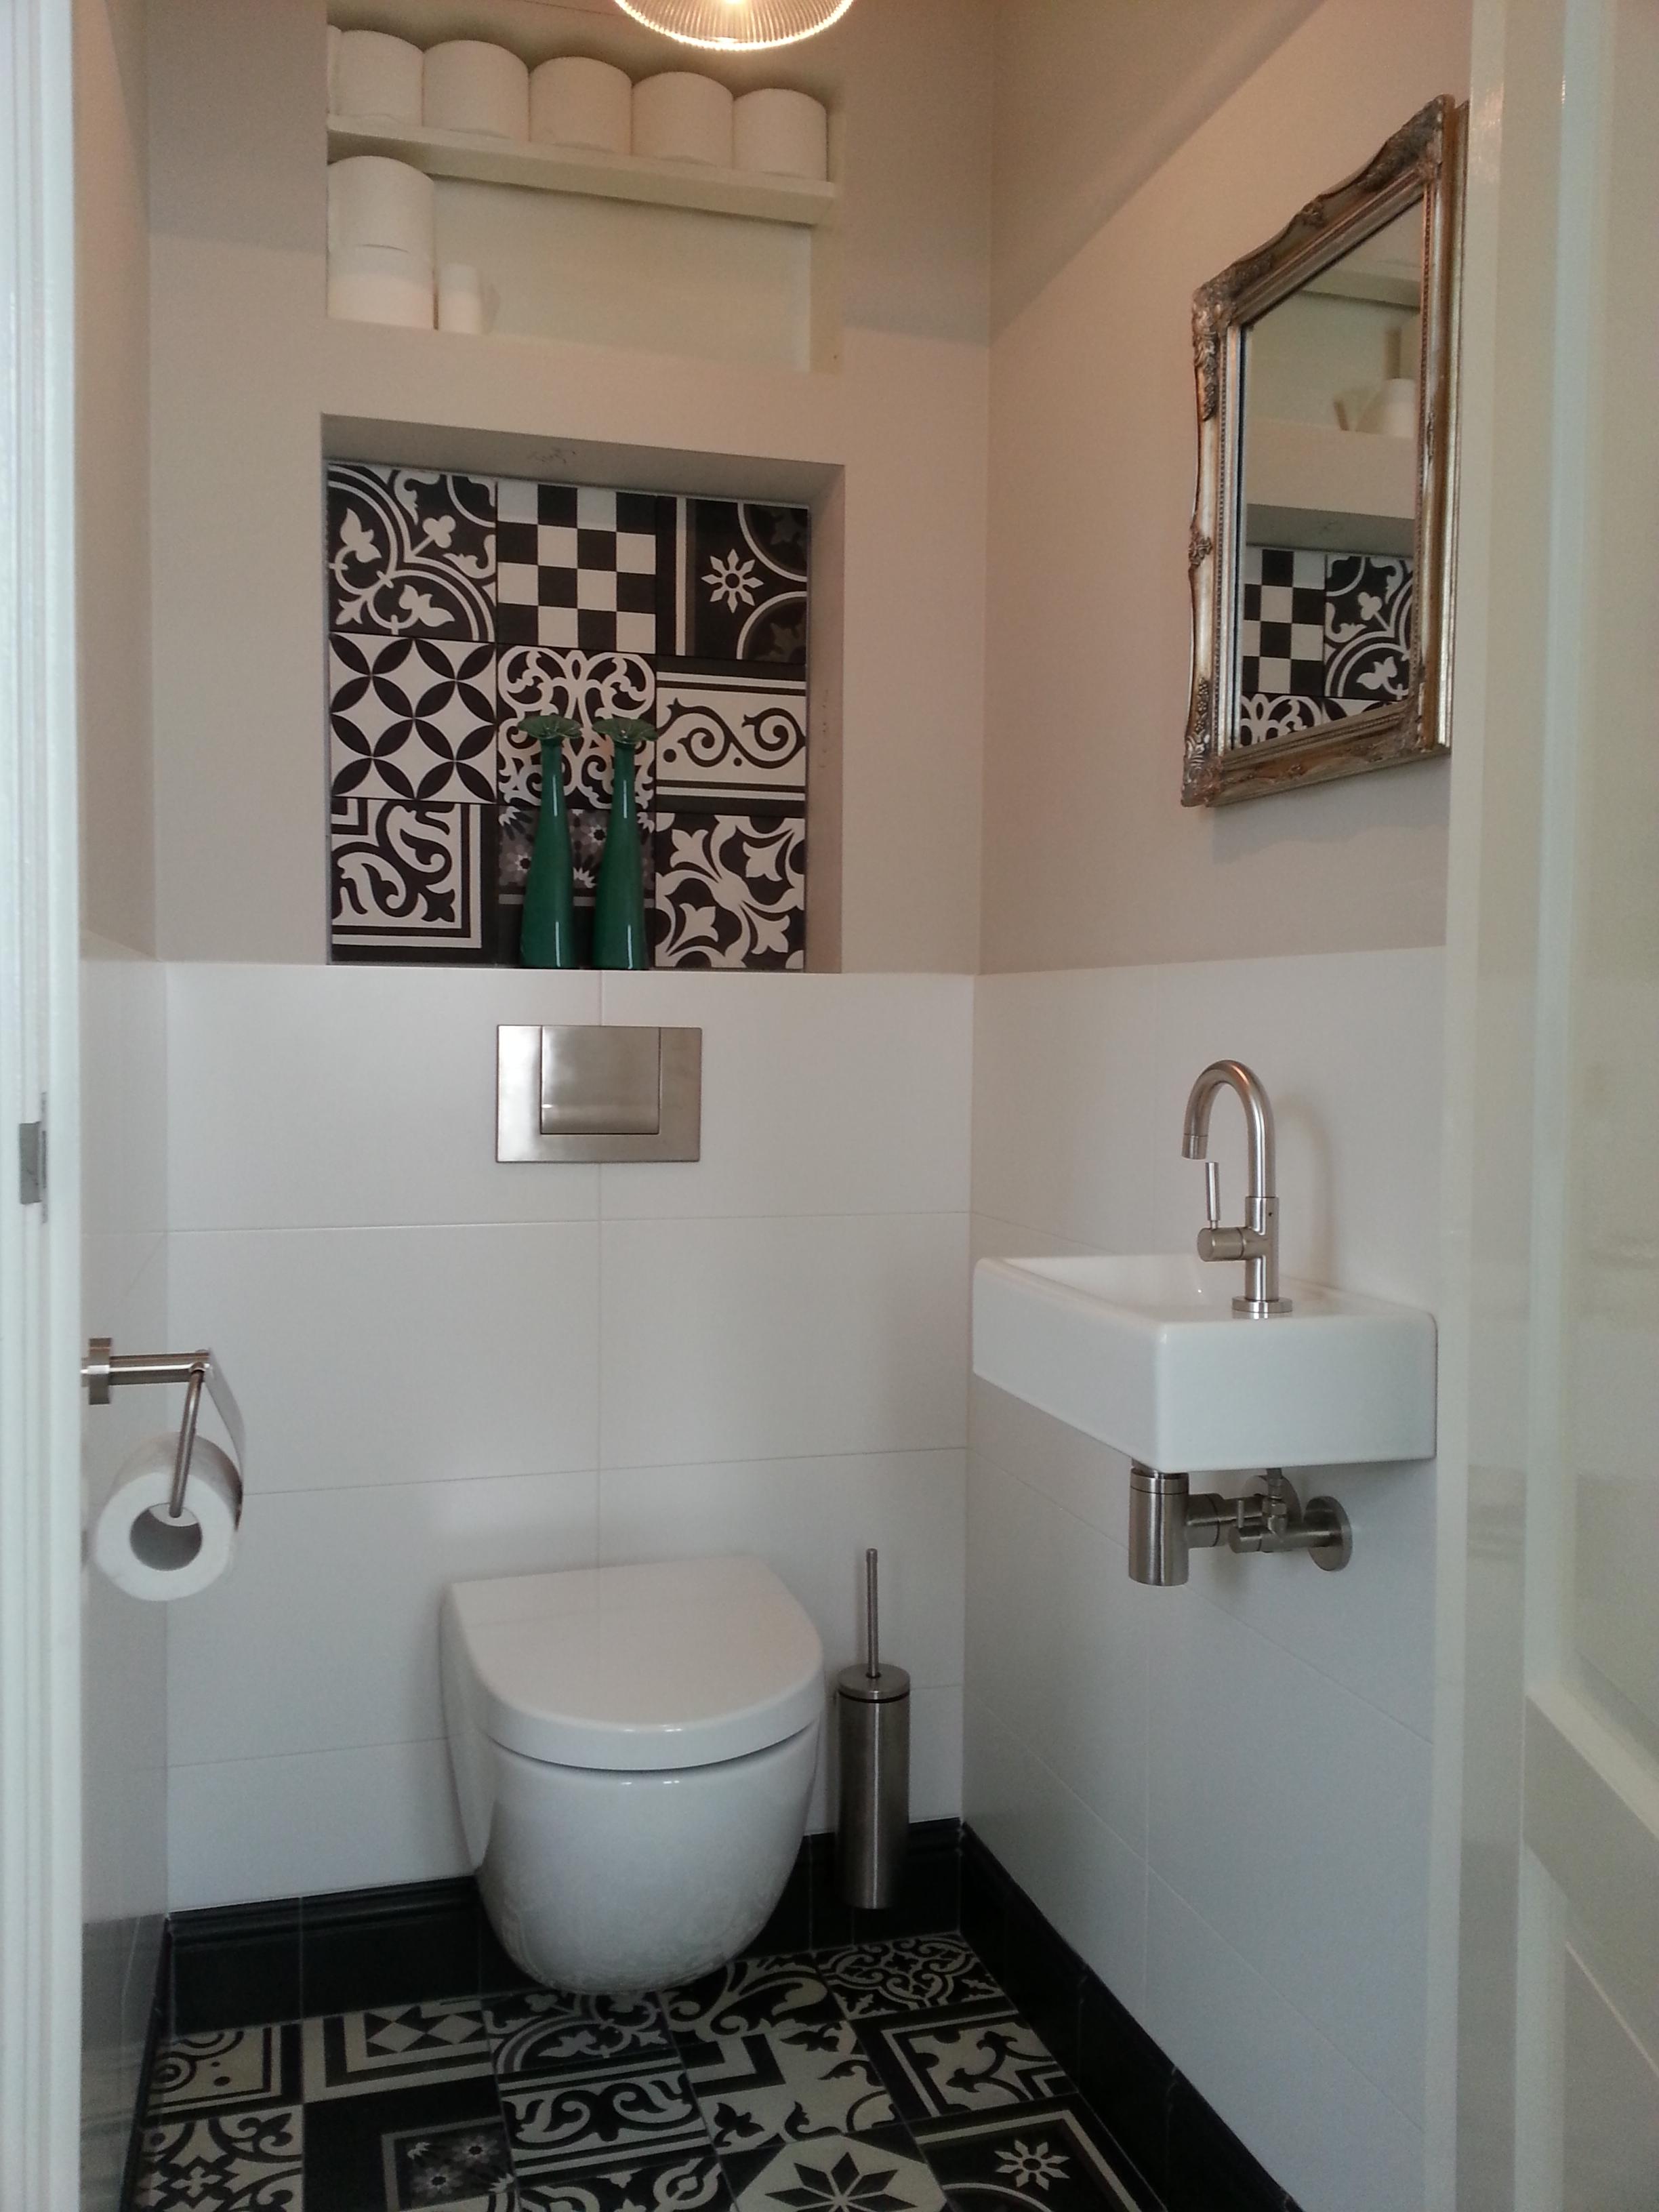 keuken wandtegels portugees : Portugese Tegels Toilet Thomas Gaspersz